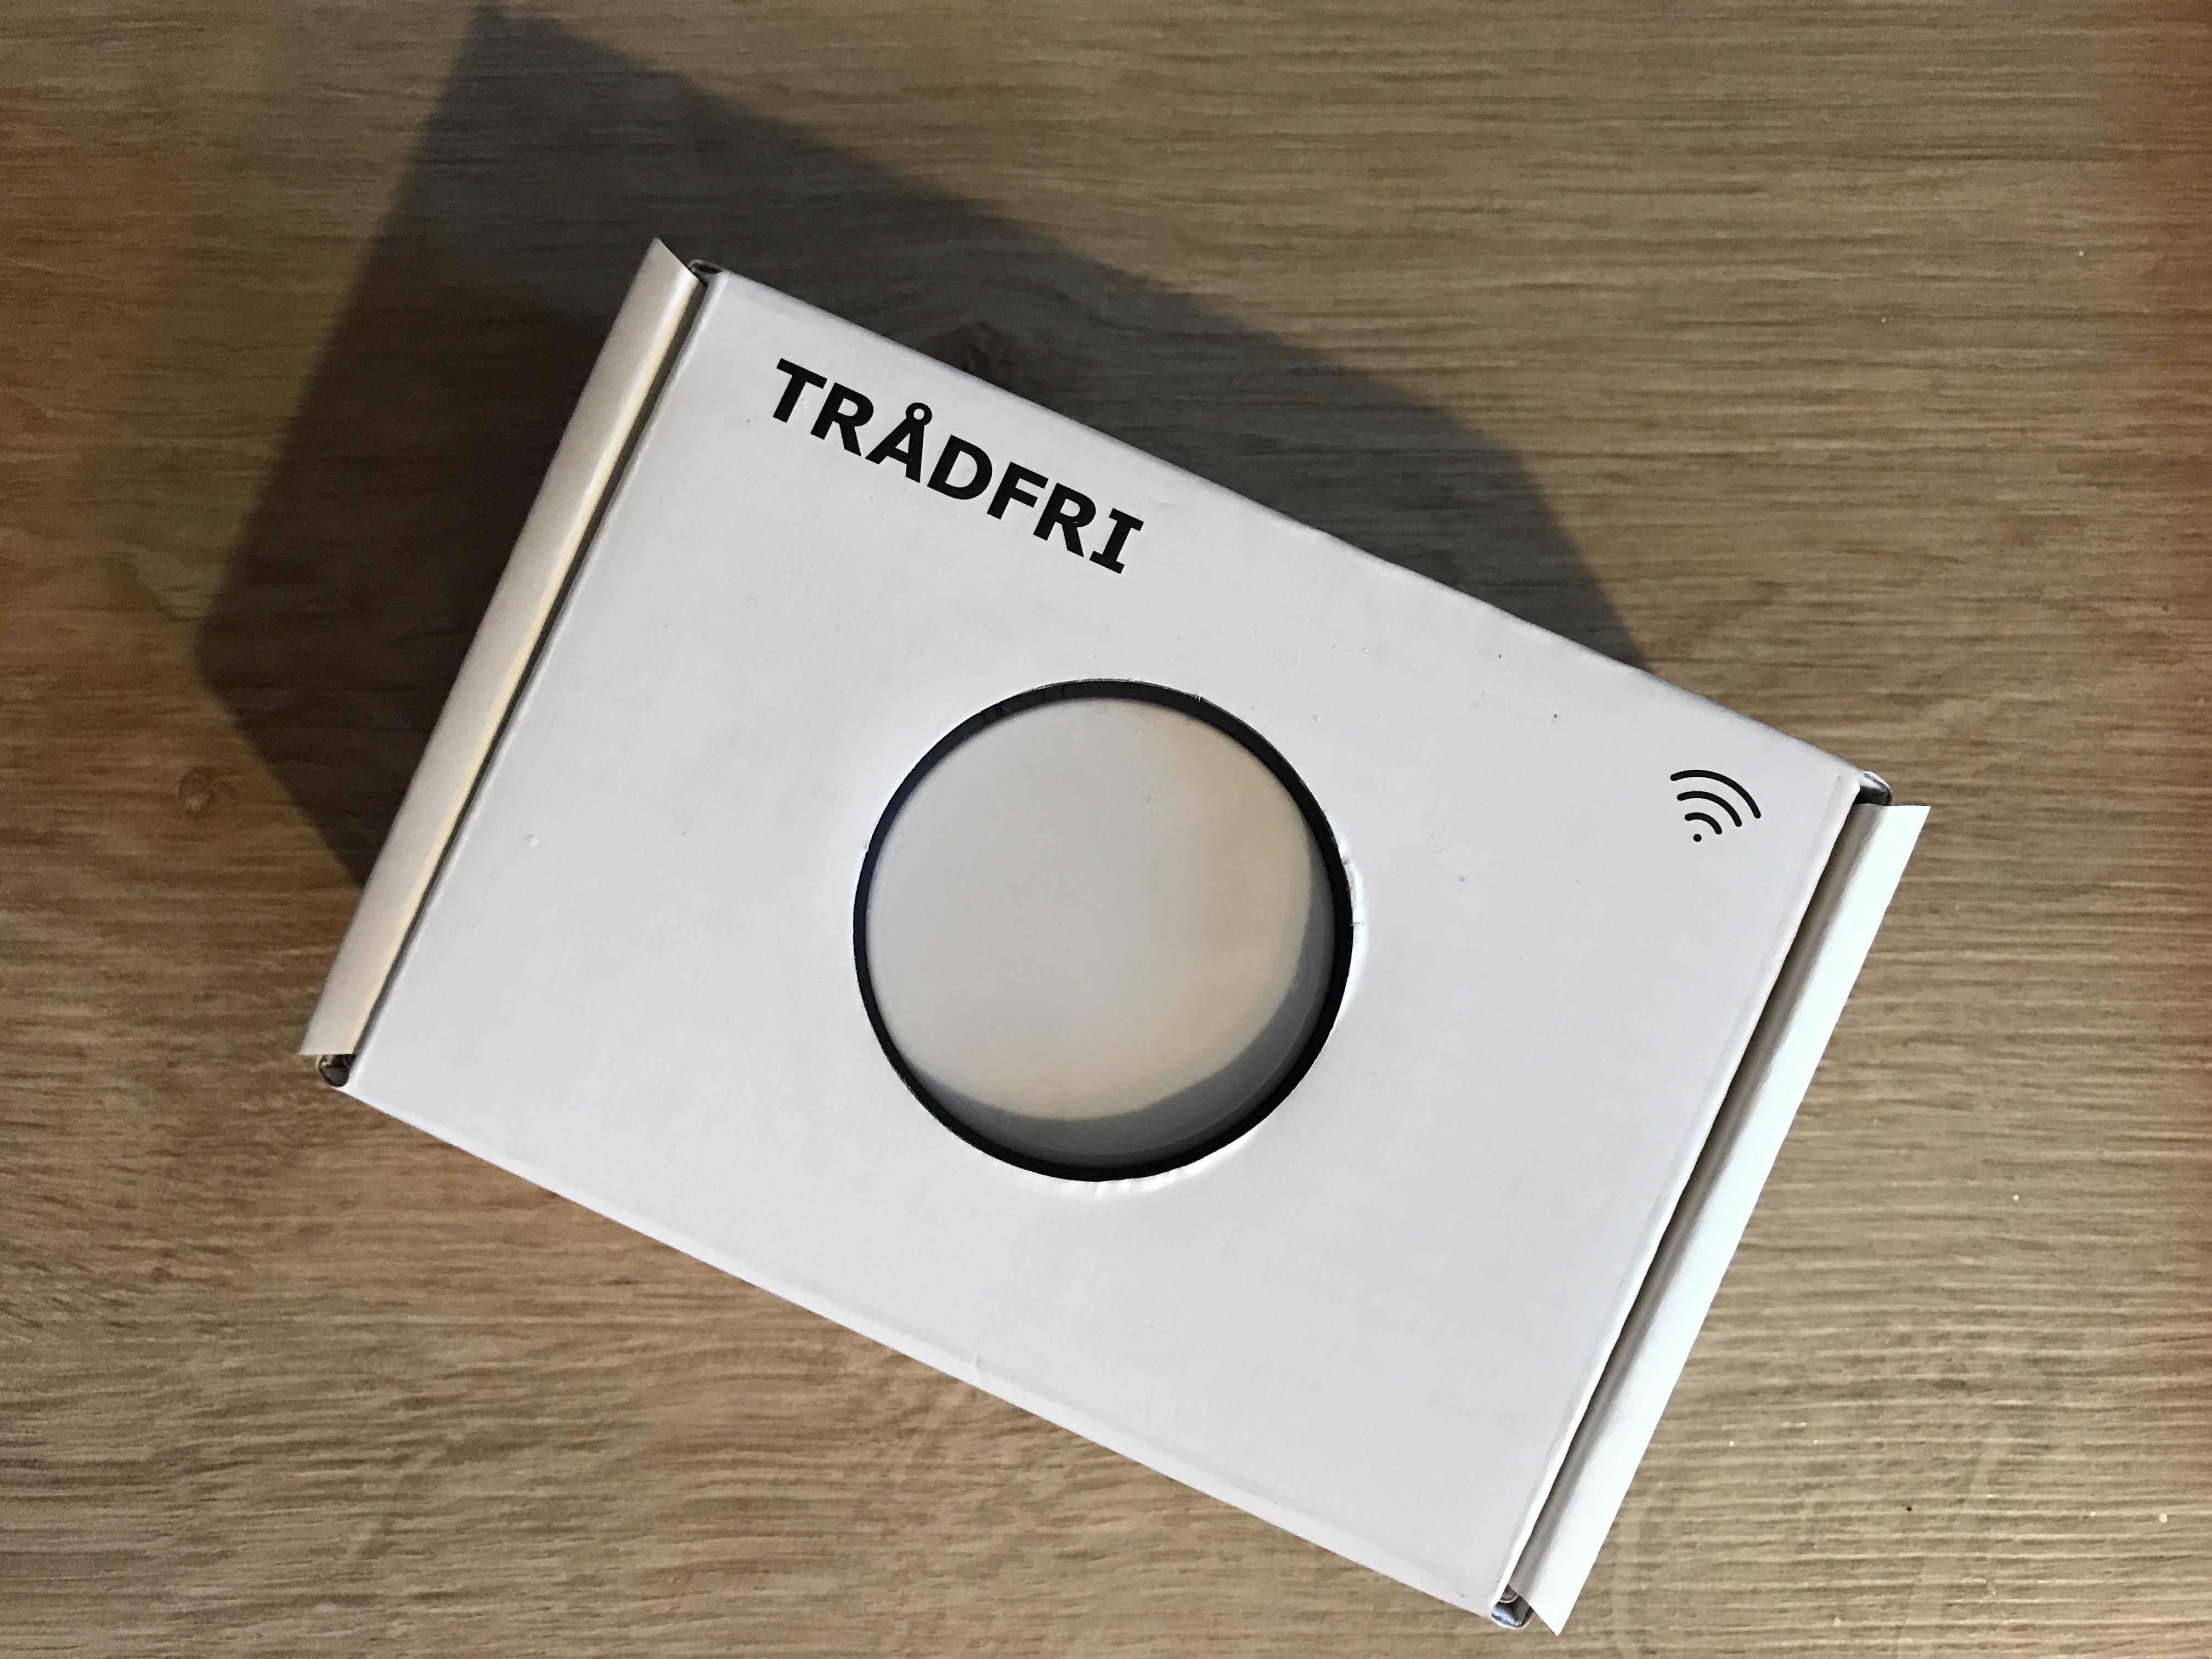 [IKEA] TRADFRI Dimmer (Vorgängermodell)